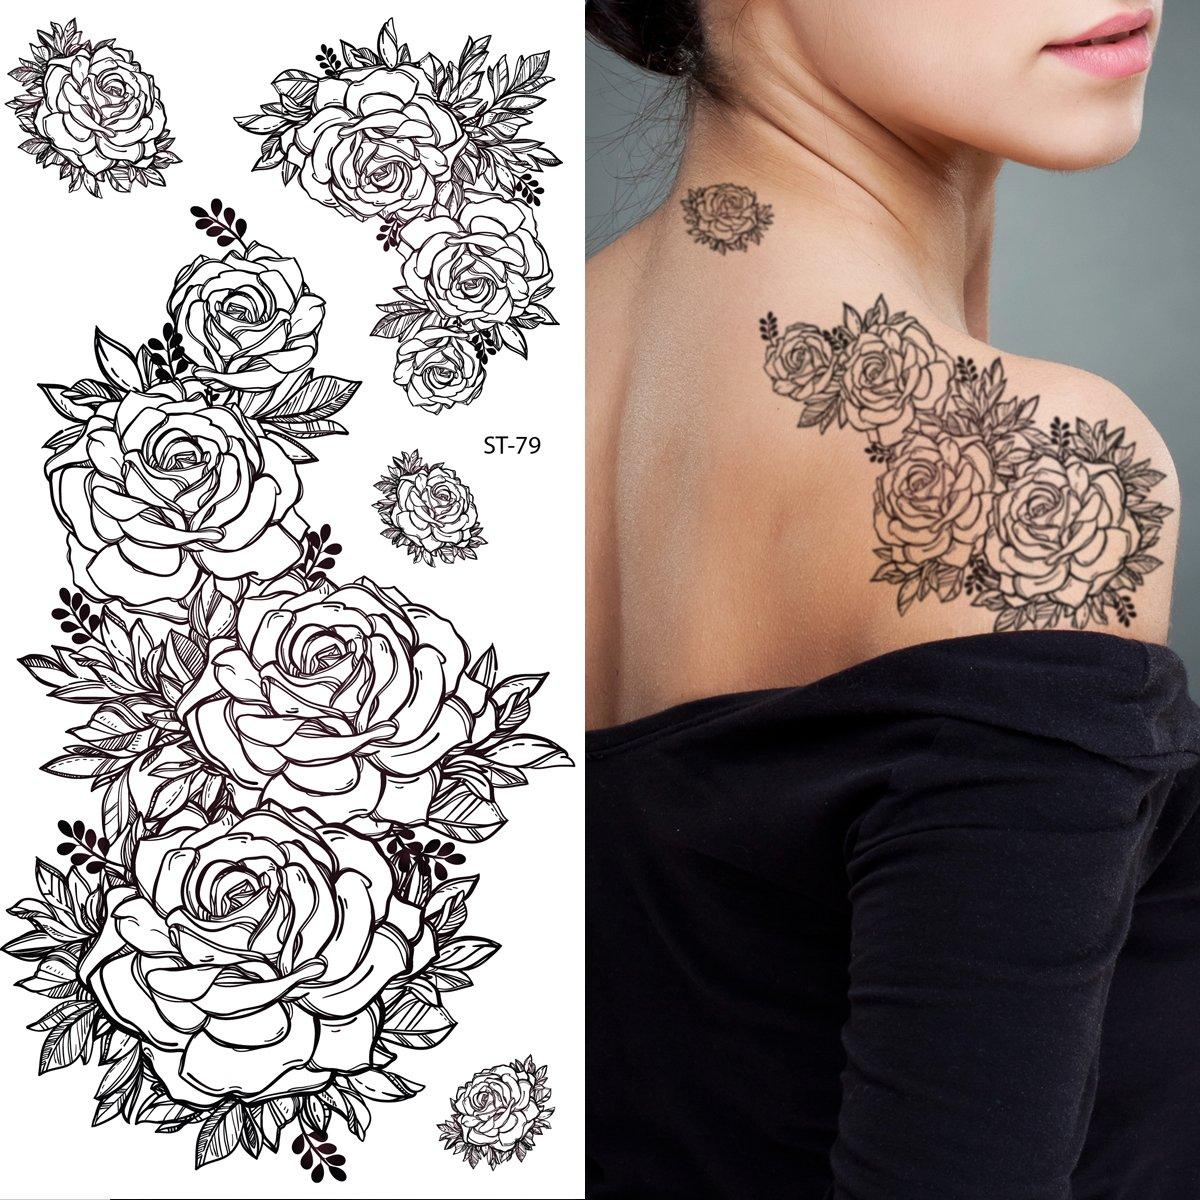 8ebdb18c42b Amazon.com : Supperb Temporary Tattoos - Hand Drawn Black & White ...